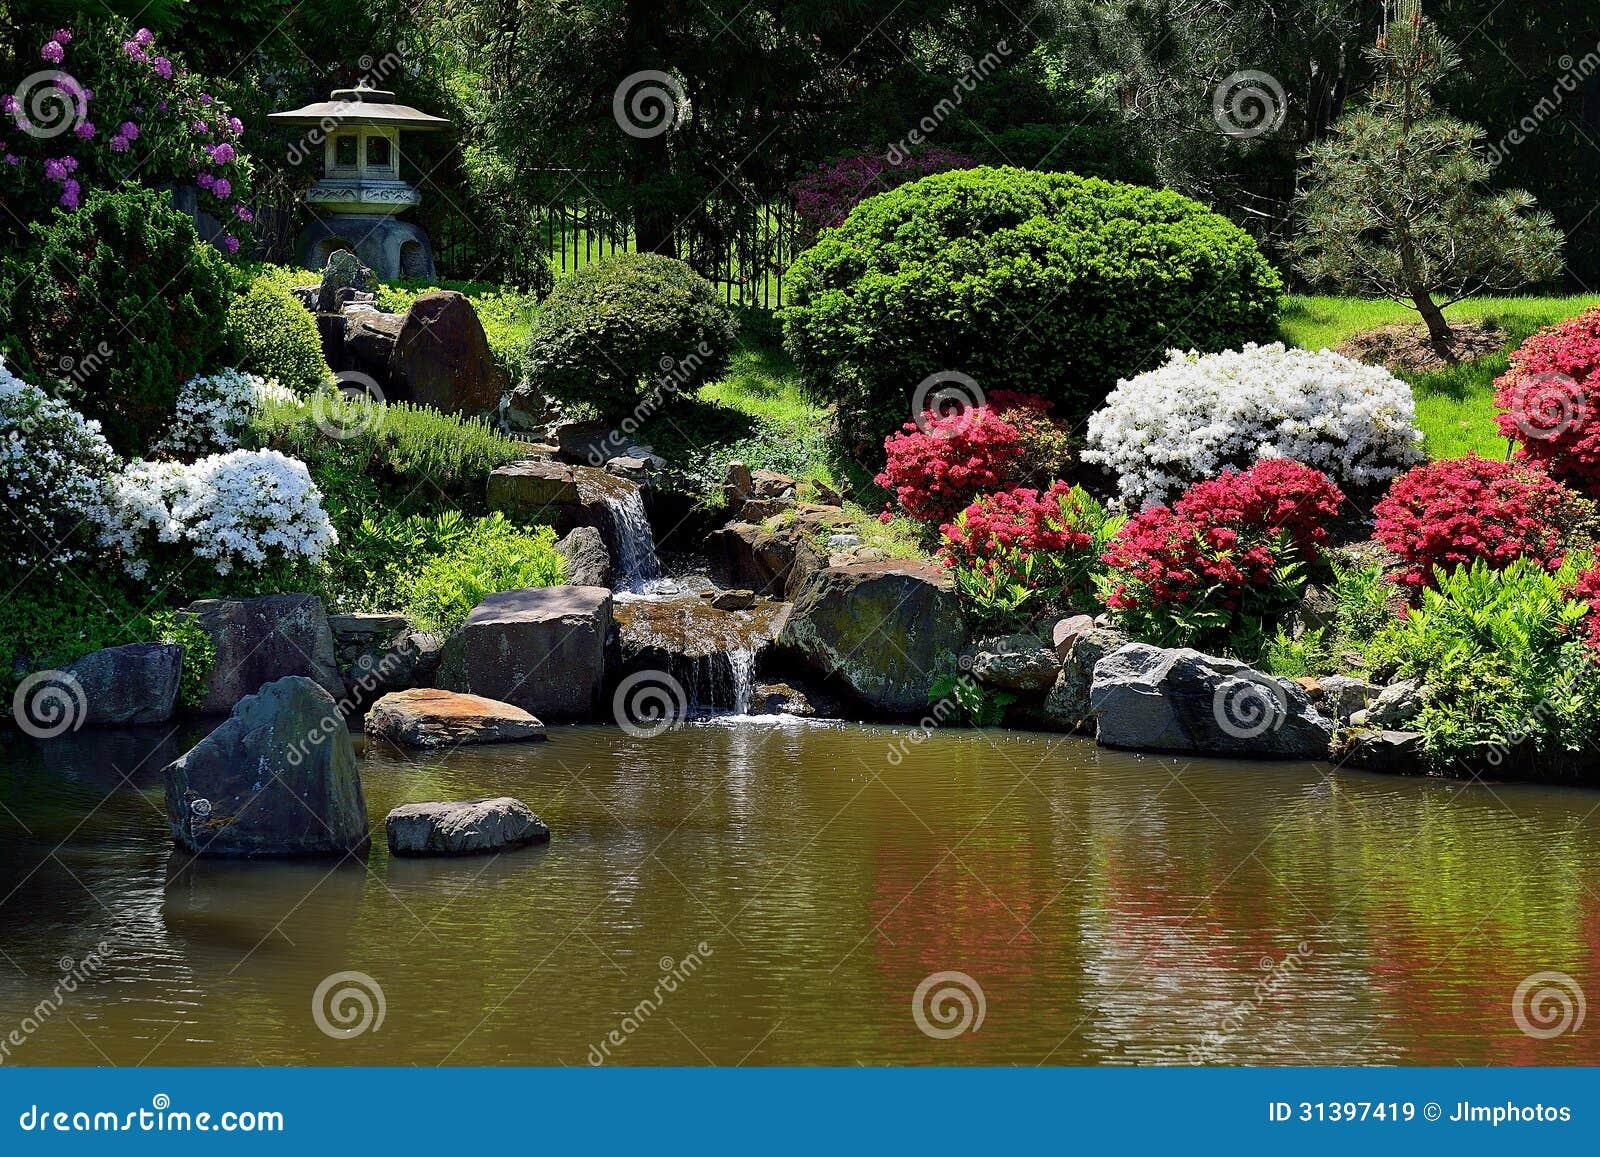 petite fontaine de chute de l 39 eau dans le jardin japonais asiatique images libres de droits. Black Bedroom Furniture Sets. Home Design Ideas